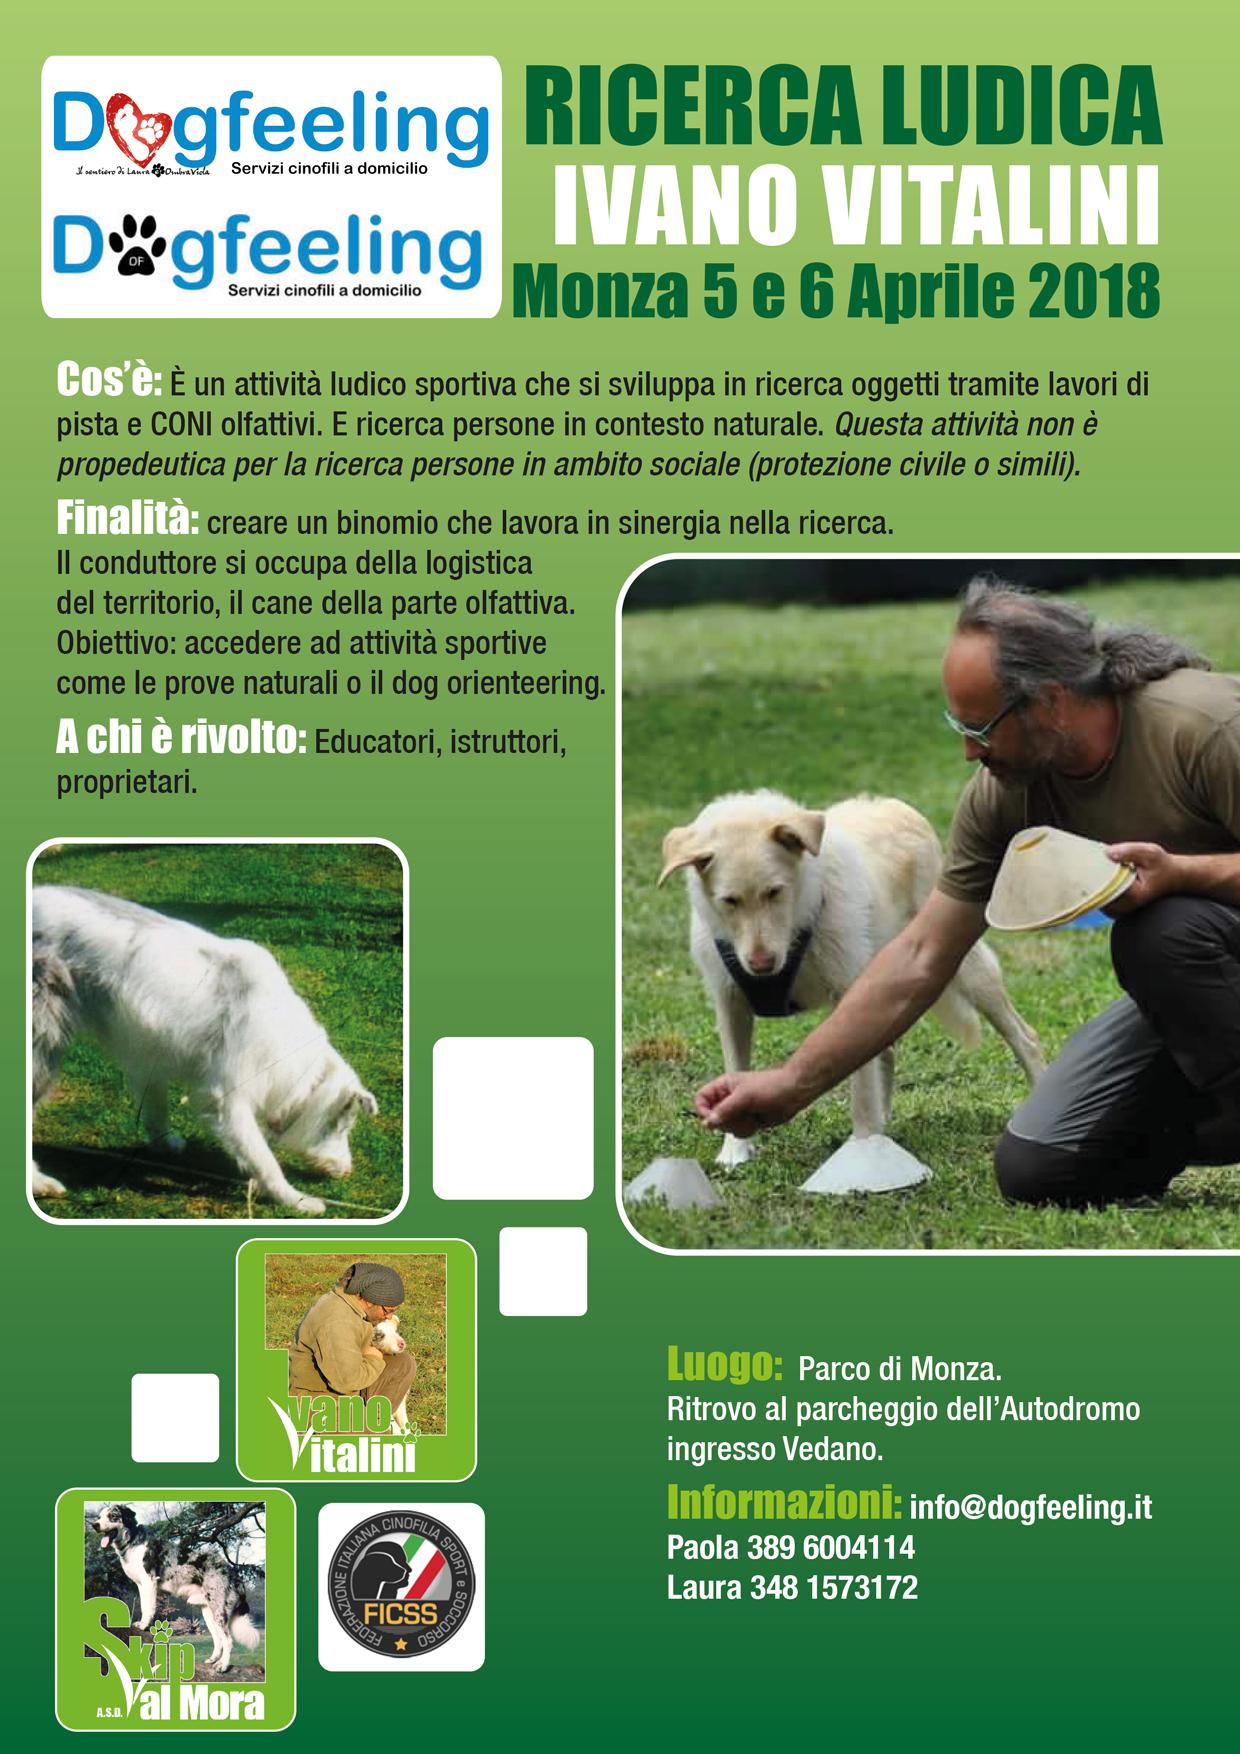 Monza 5 e 6 Aprile 2018 – Stage di Ricerca ludica con Ivano Vitalini